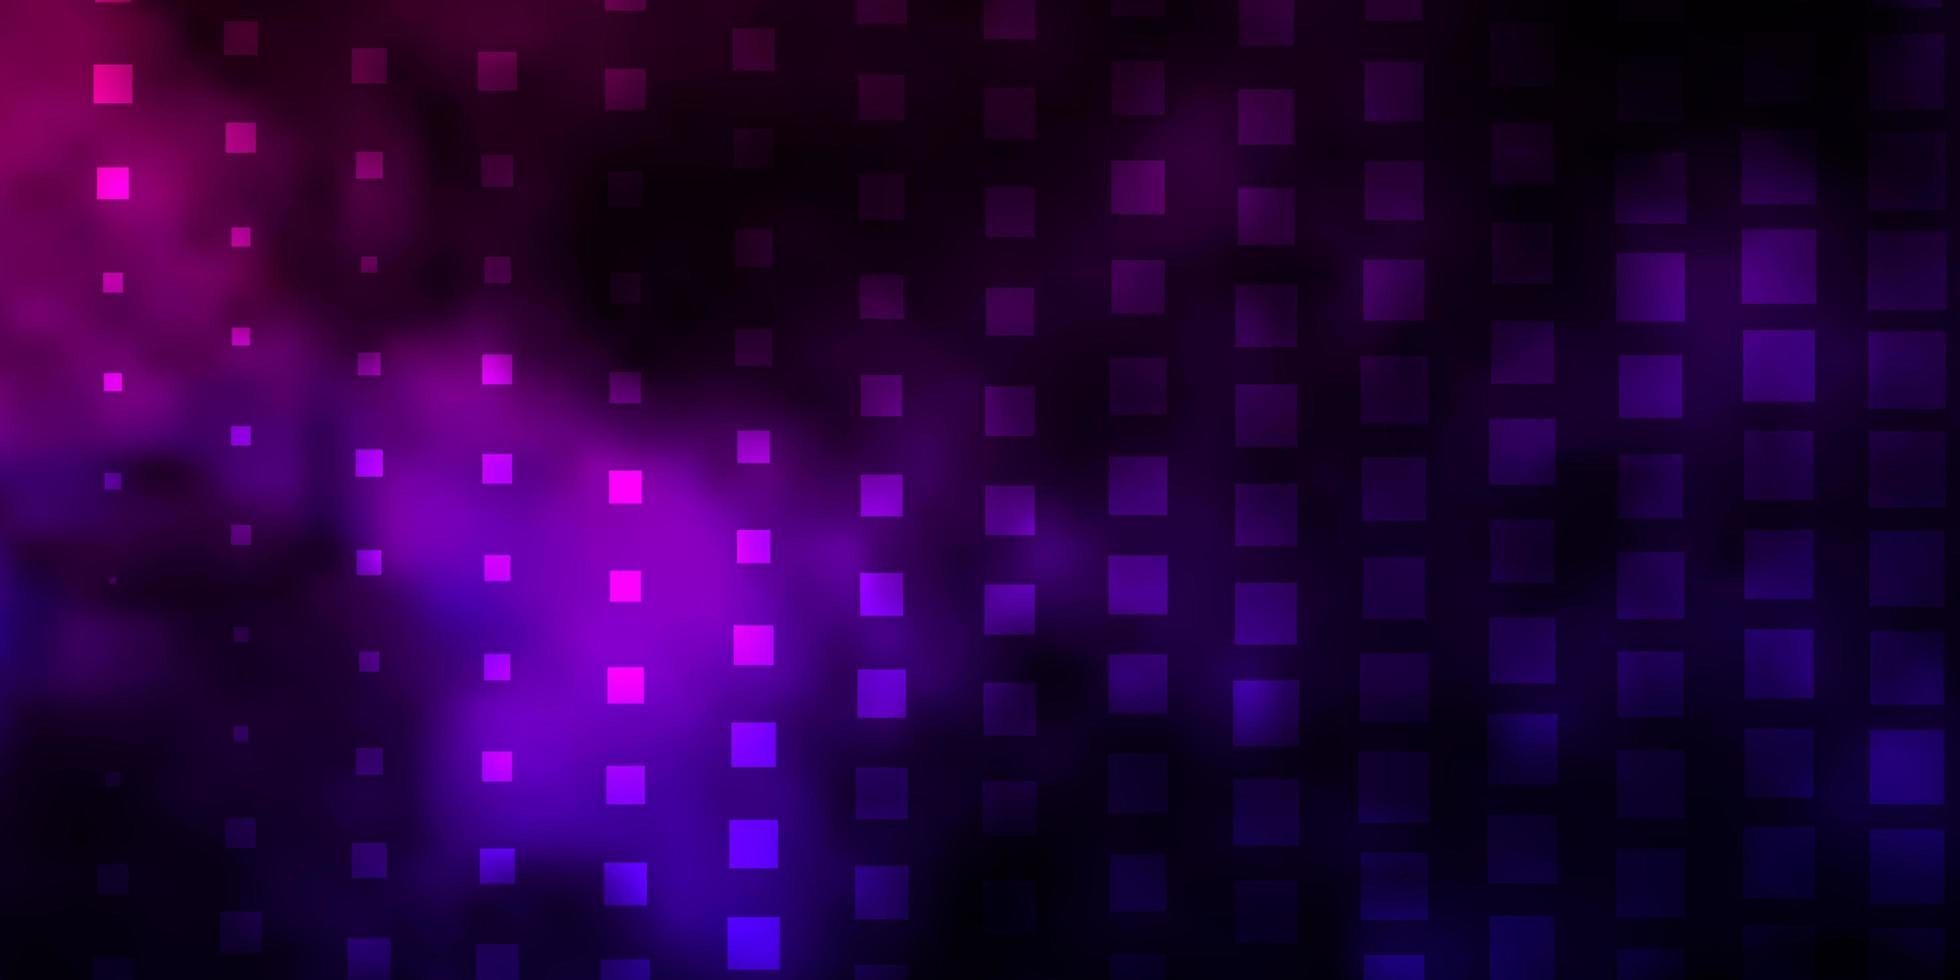 mörk lila, rosa vektor bakgrund med rektanglar.